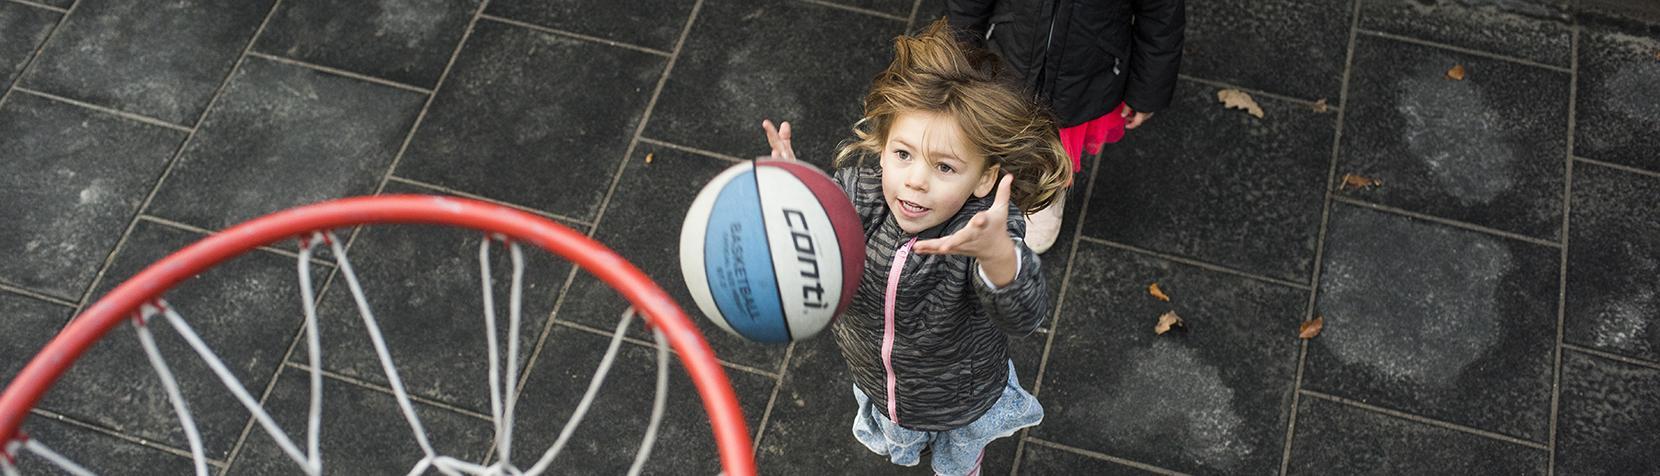 Pige spiller basket ball